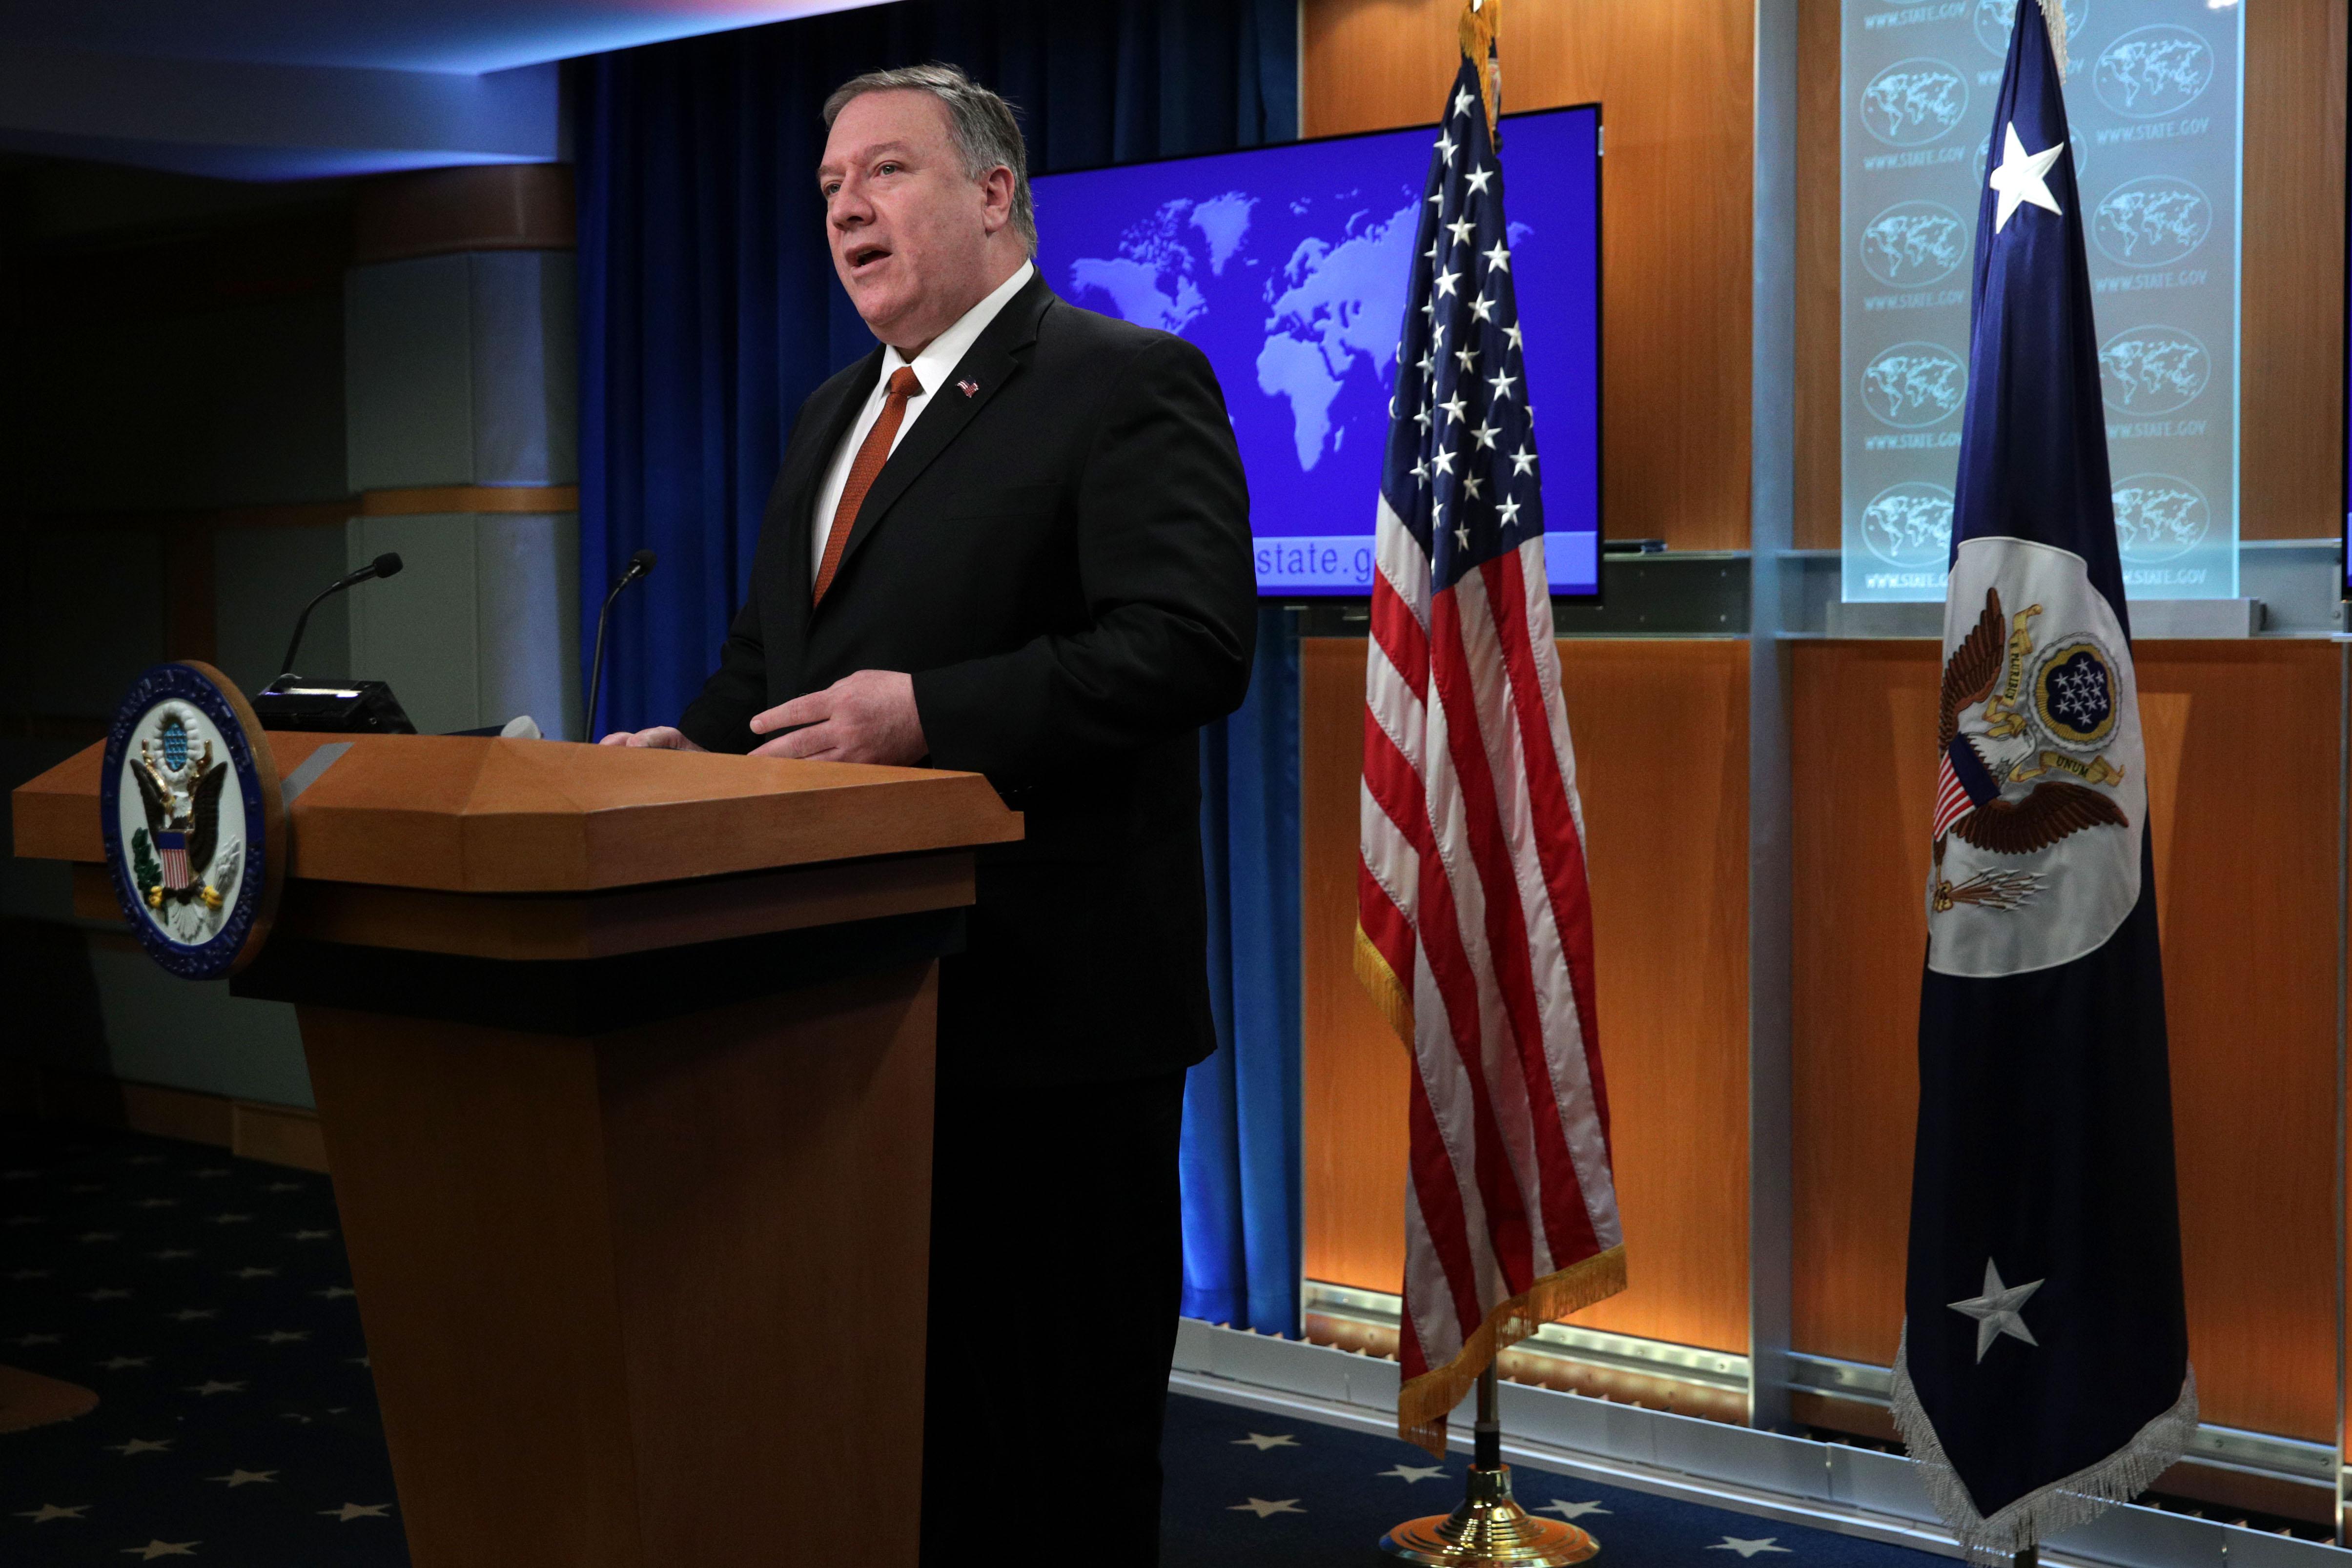 美國務卿:中共迫害人權 無以復加